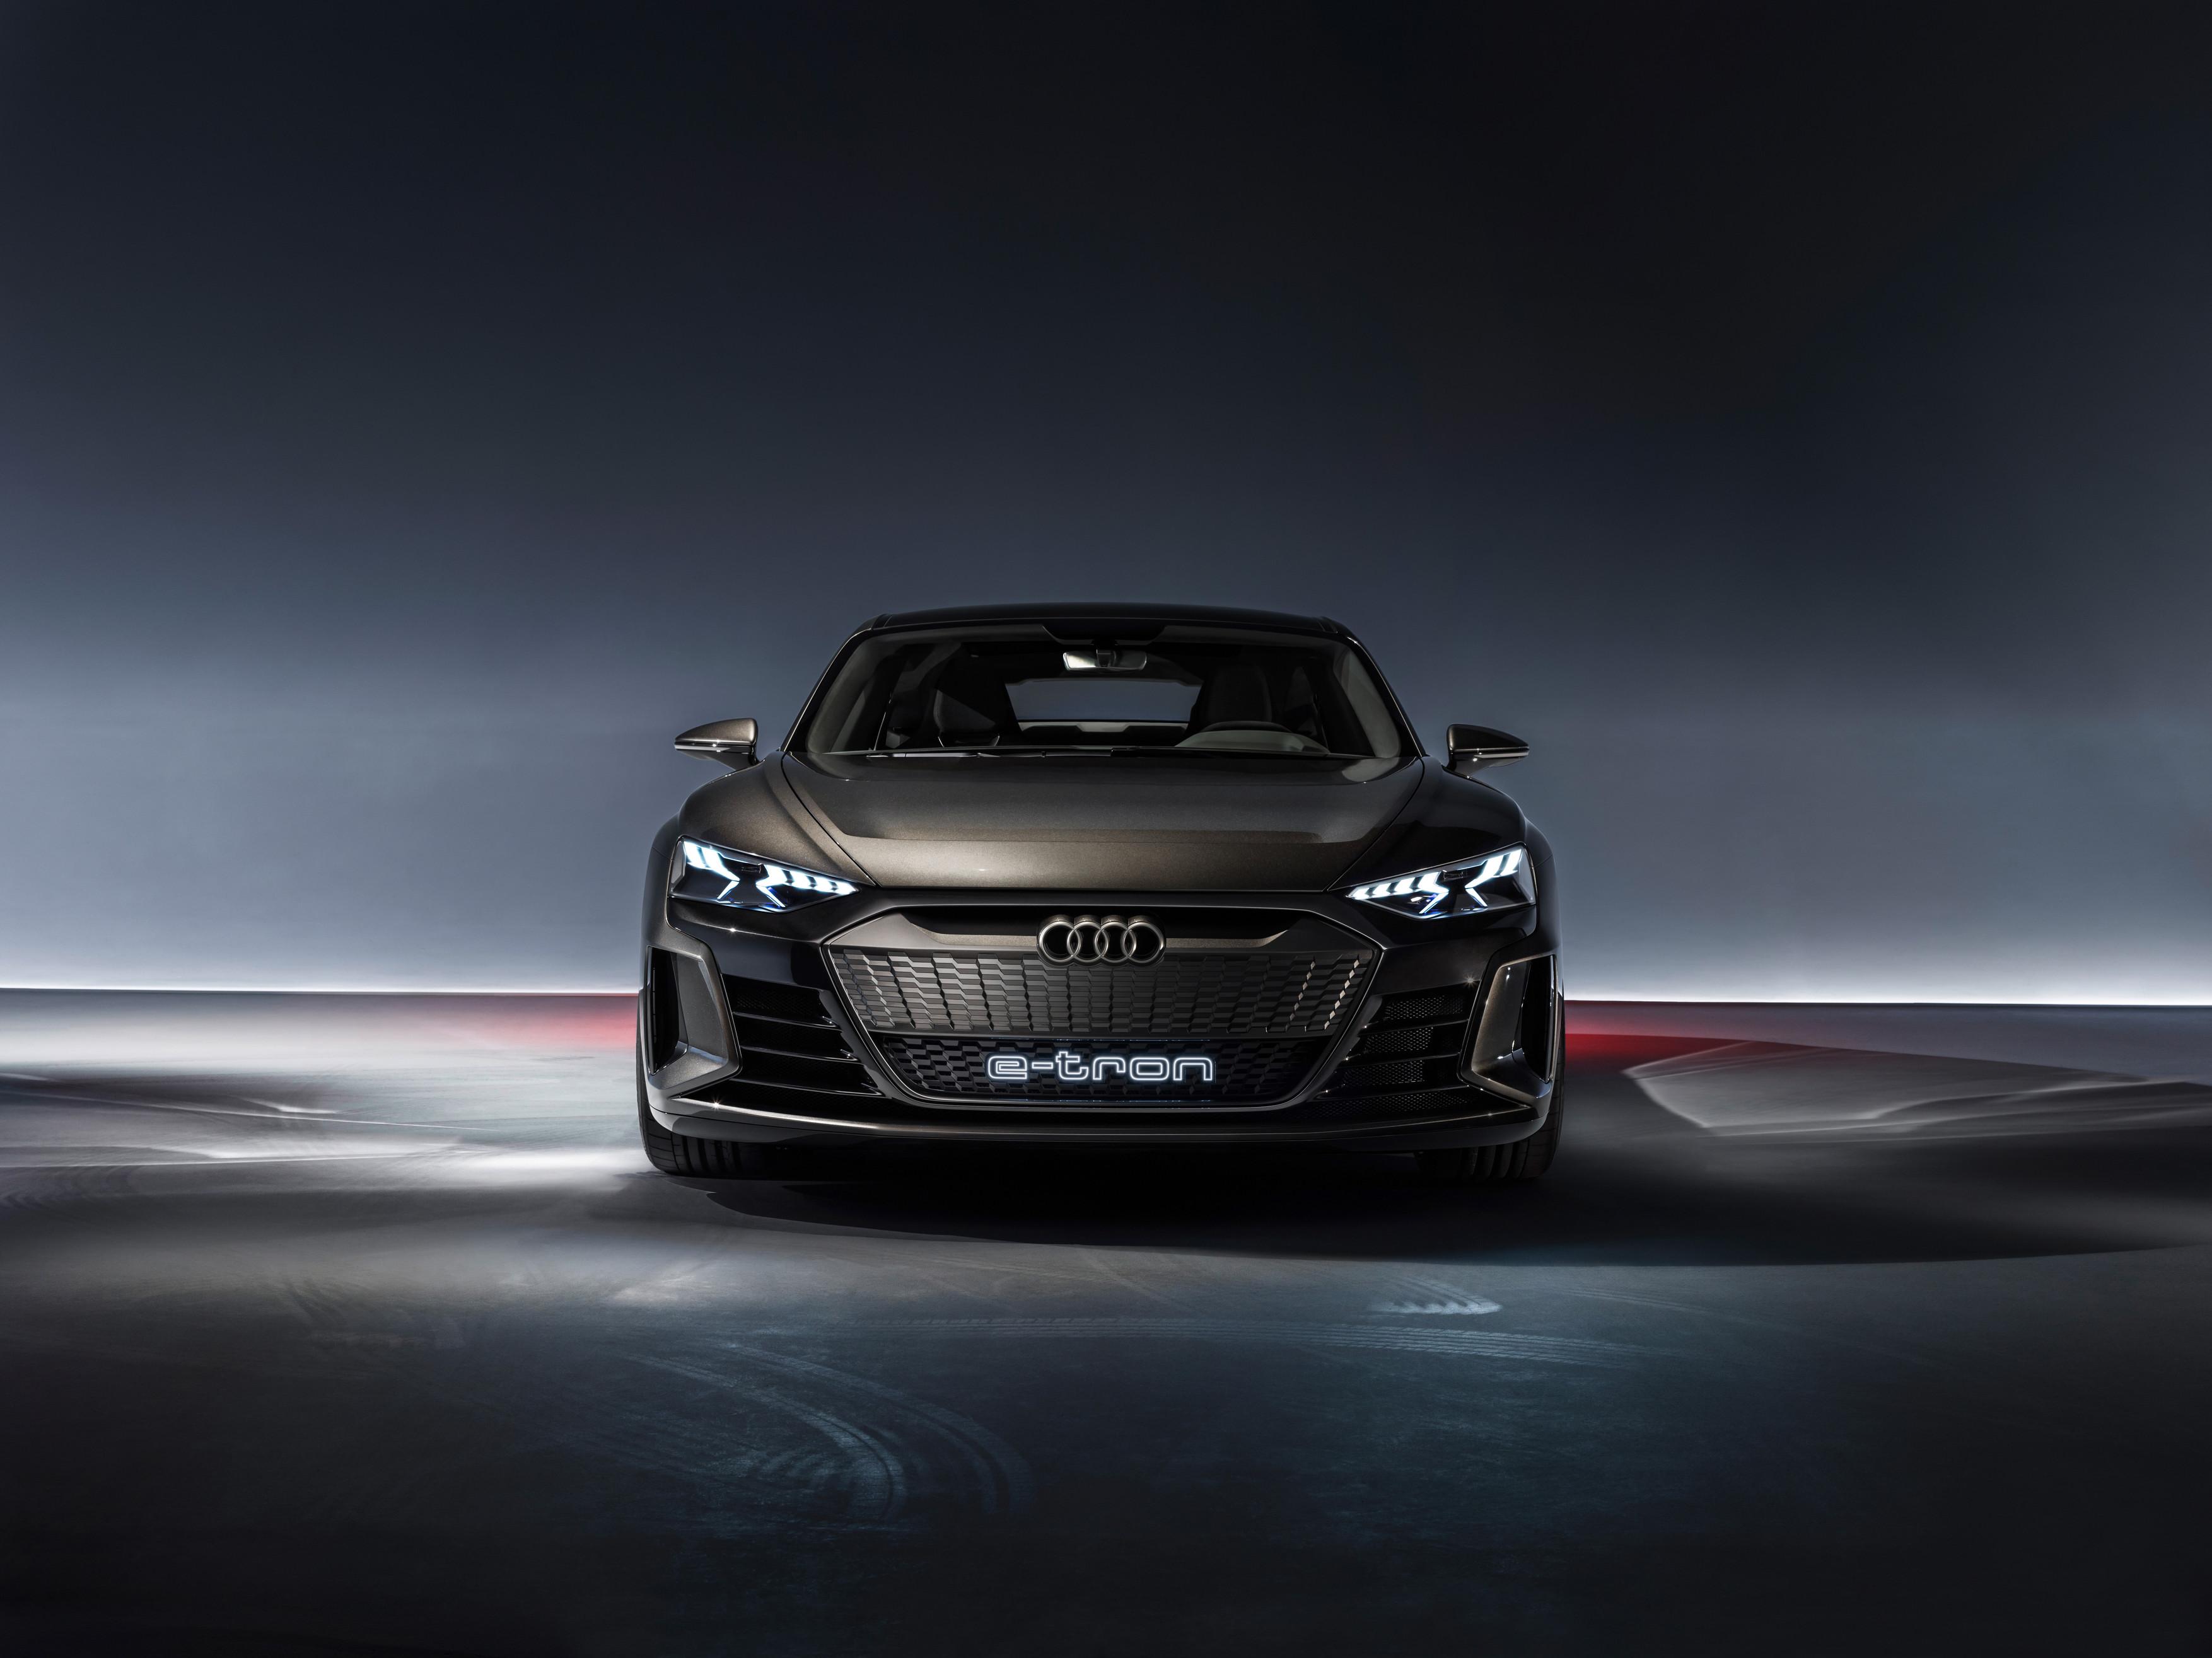 A1814532 medium - Audi E-tron GT concept front view 4k - audi wallpapers etron hd 4k 2019, Audi E-tron front view hd 4k 2019